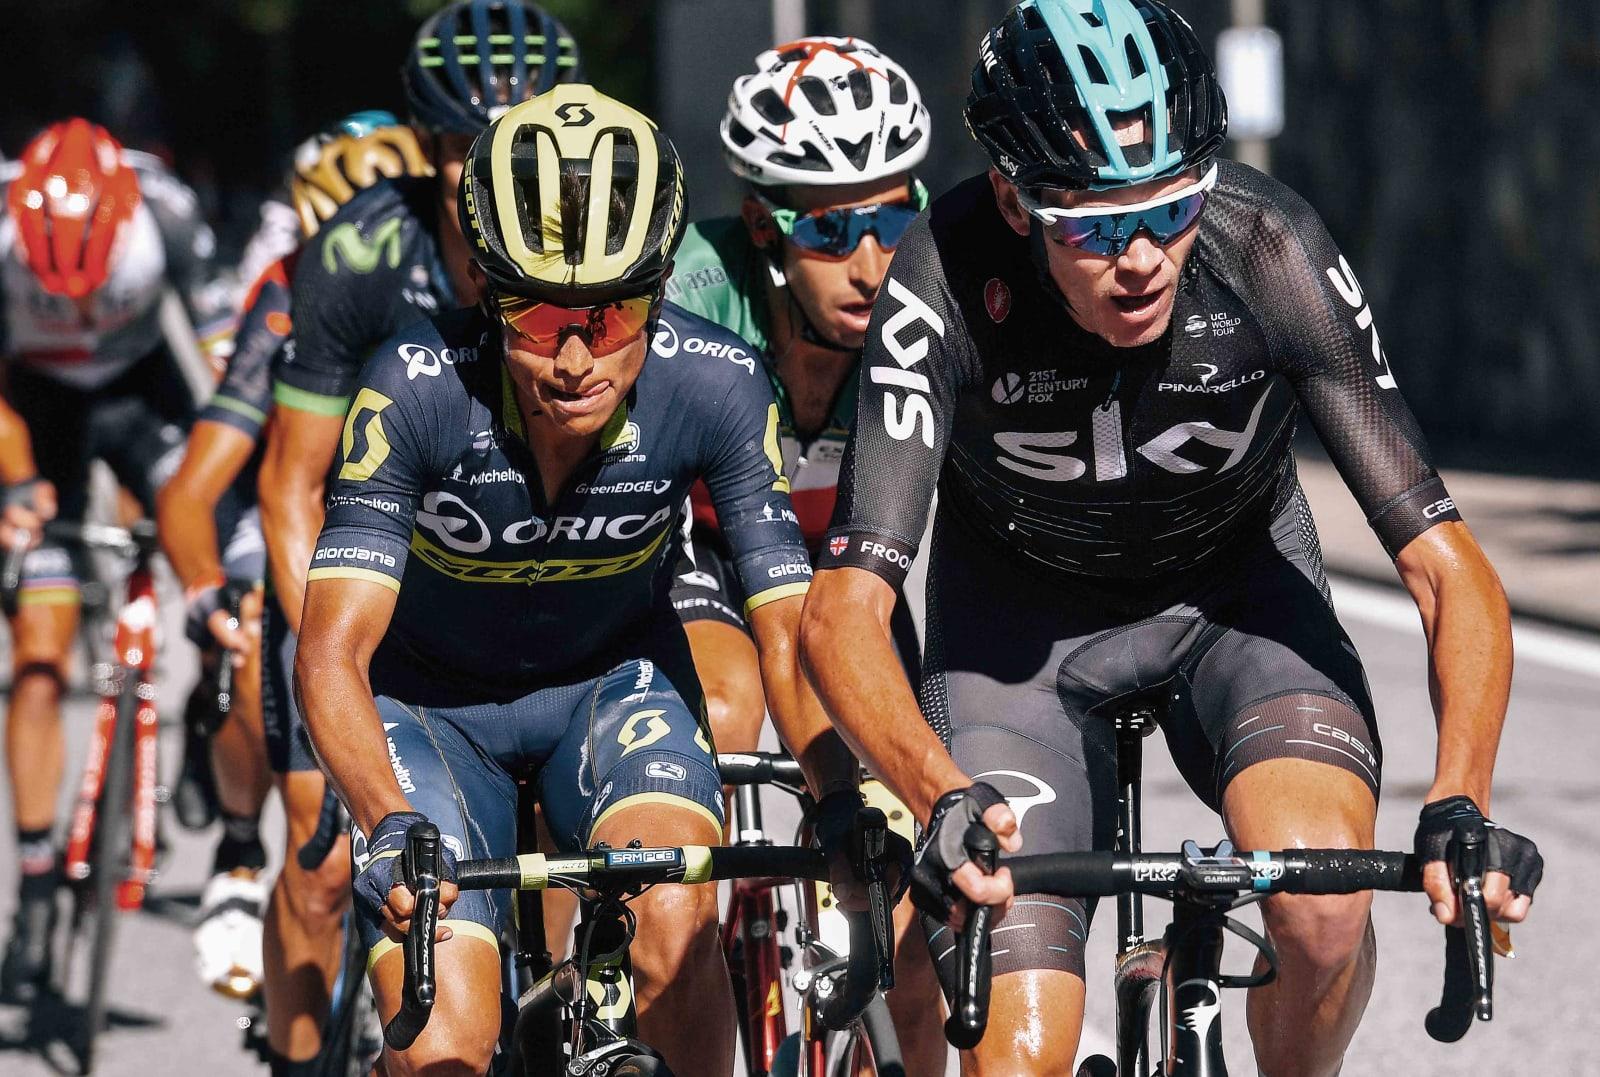 Chaves_Froome_Aru_Vuelta España_2017_03